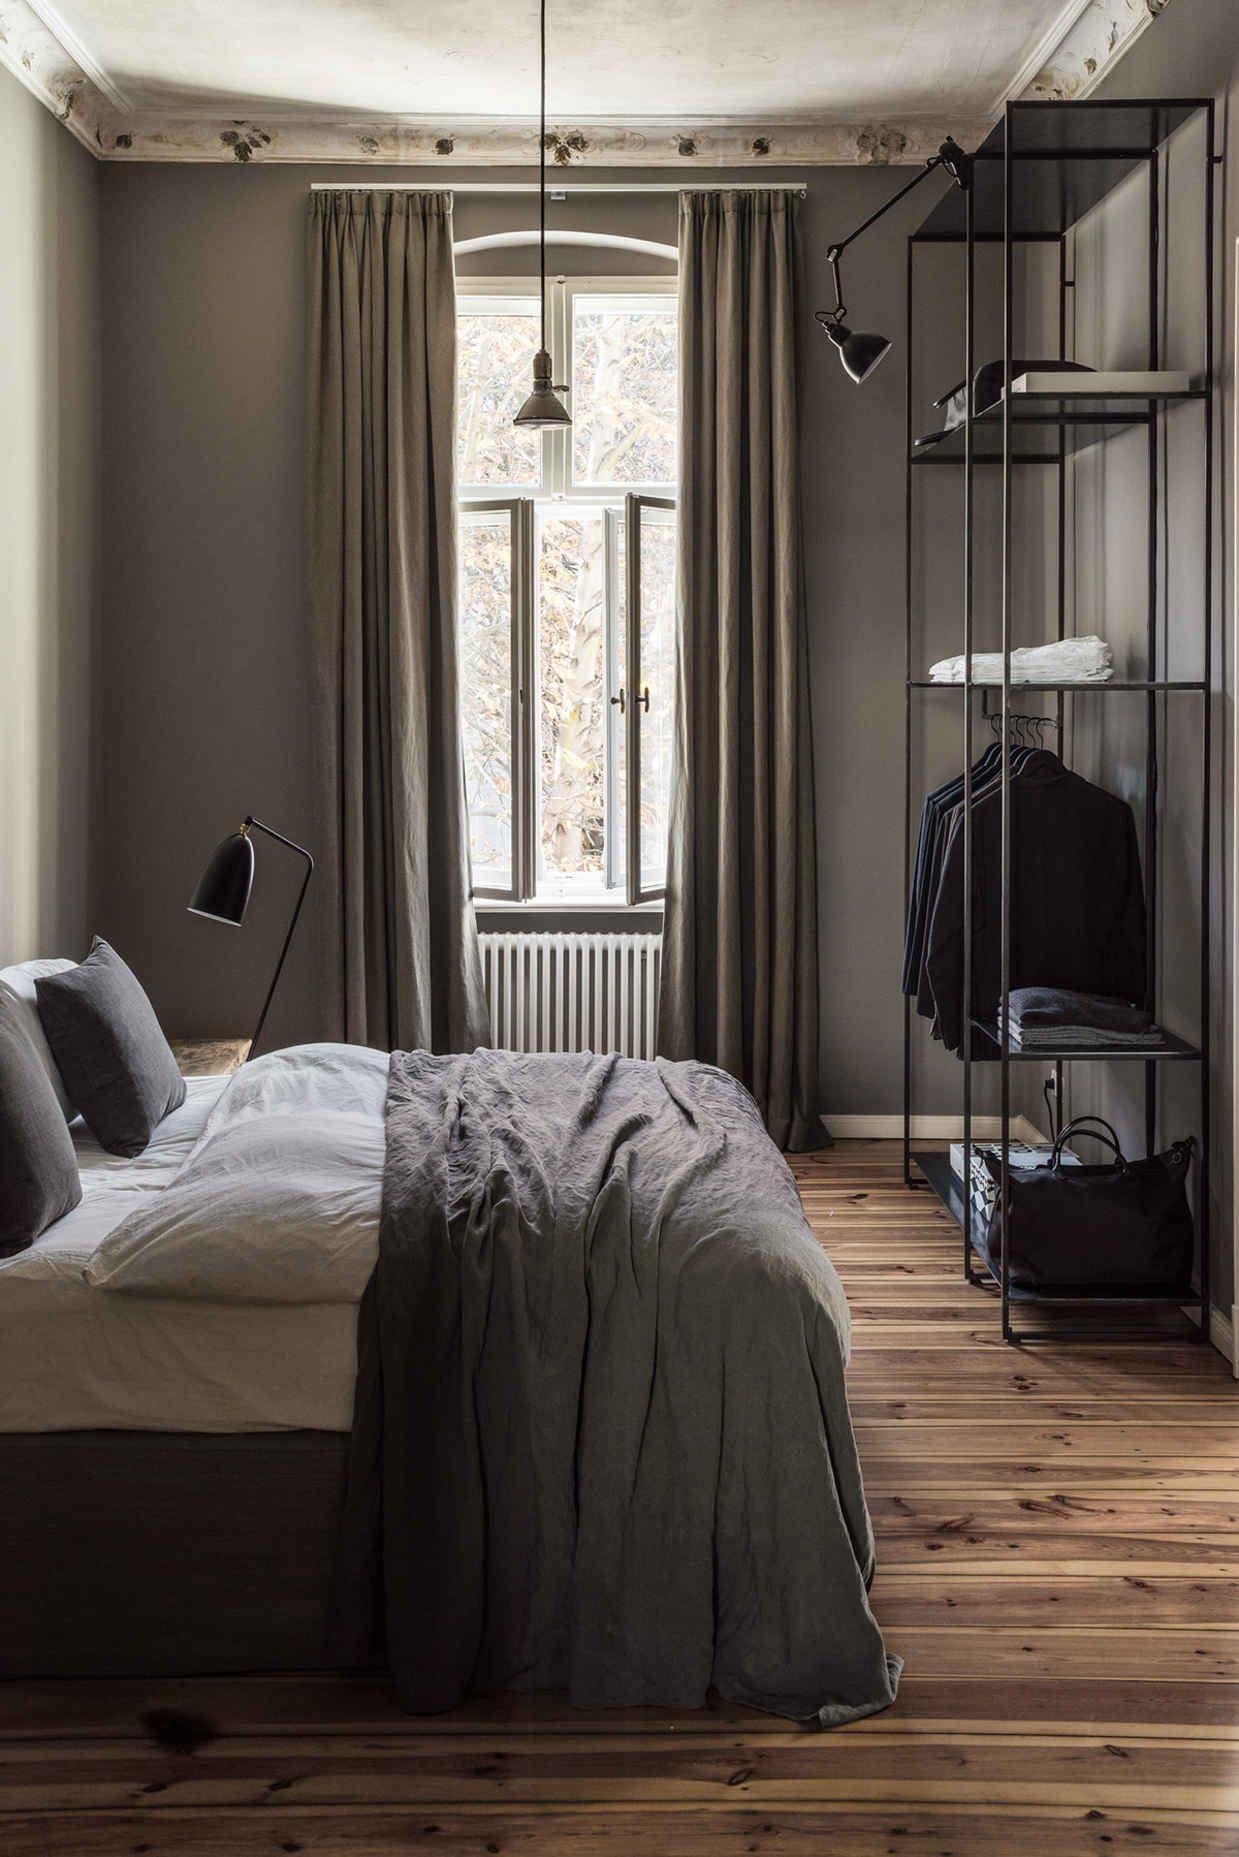 Grautöne Im Schlafzimmer Www.meinewand.de #britisch #englisch #design  #farbe #vintage #wand